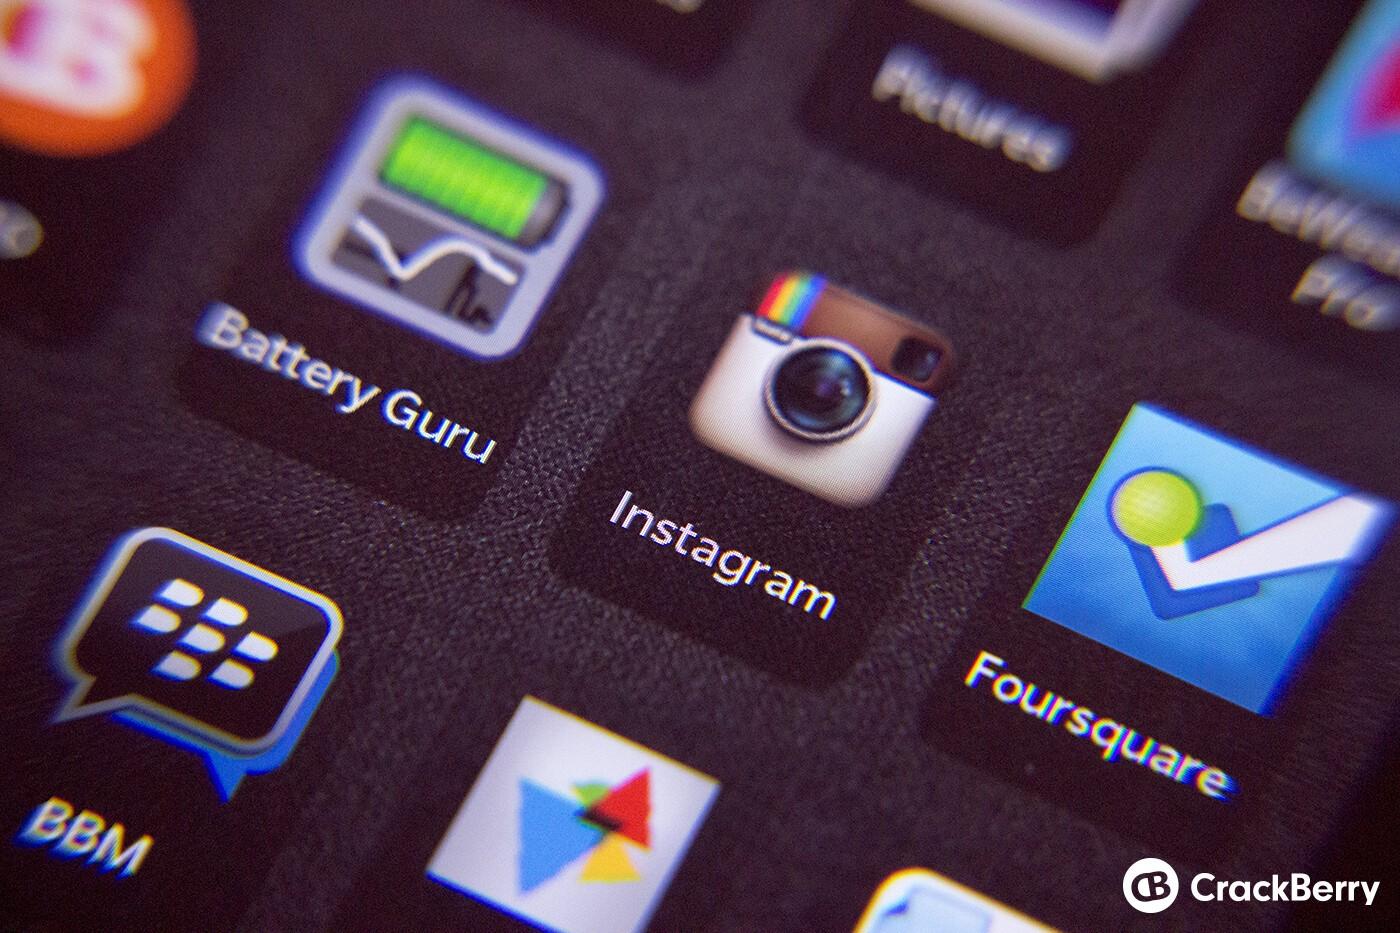 instagram app for blackberry z10